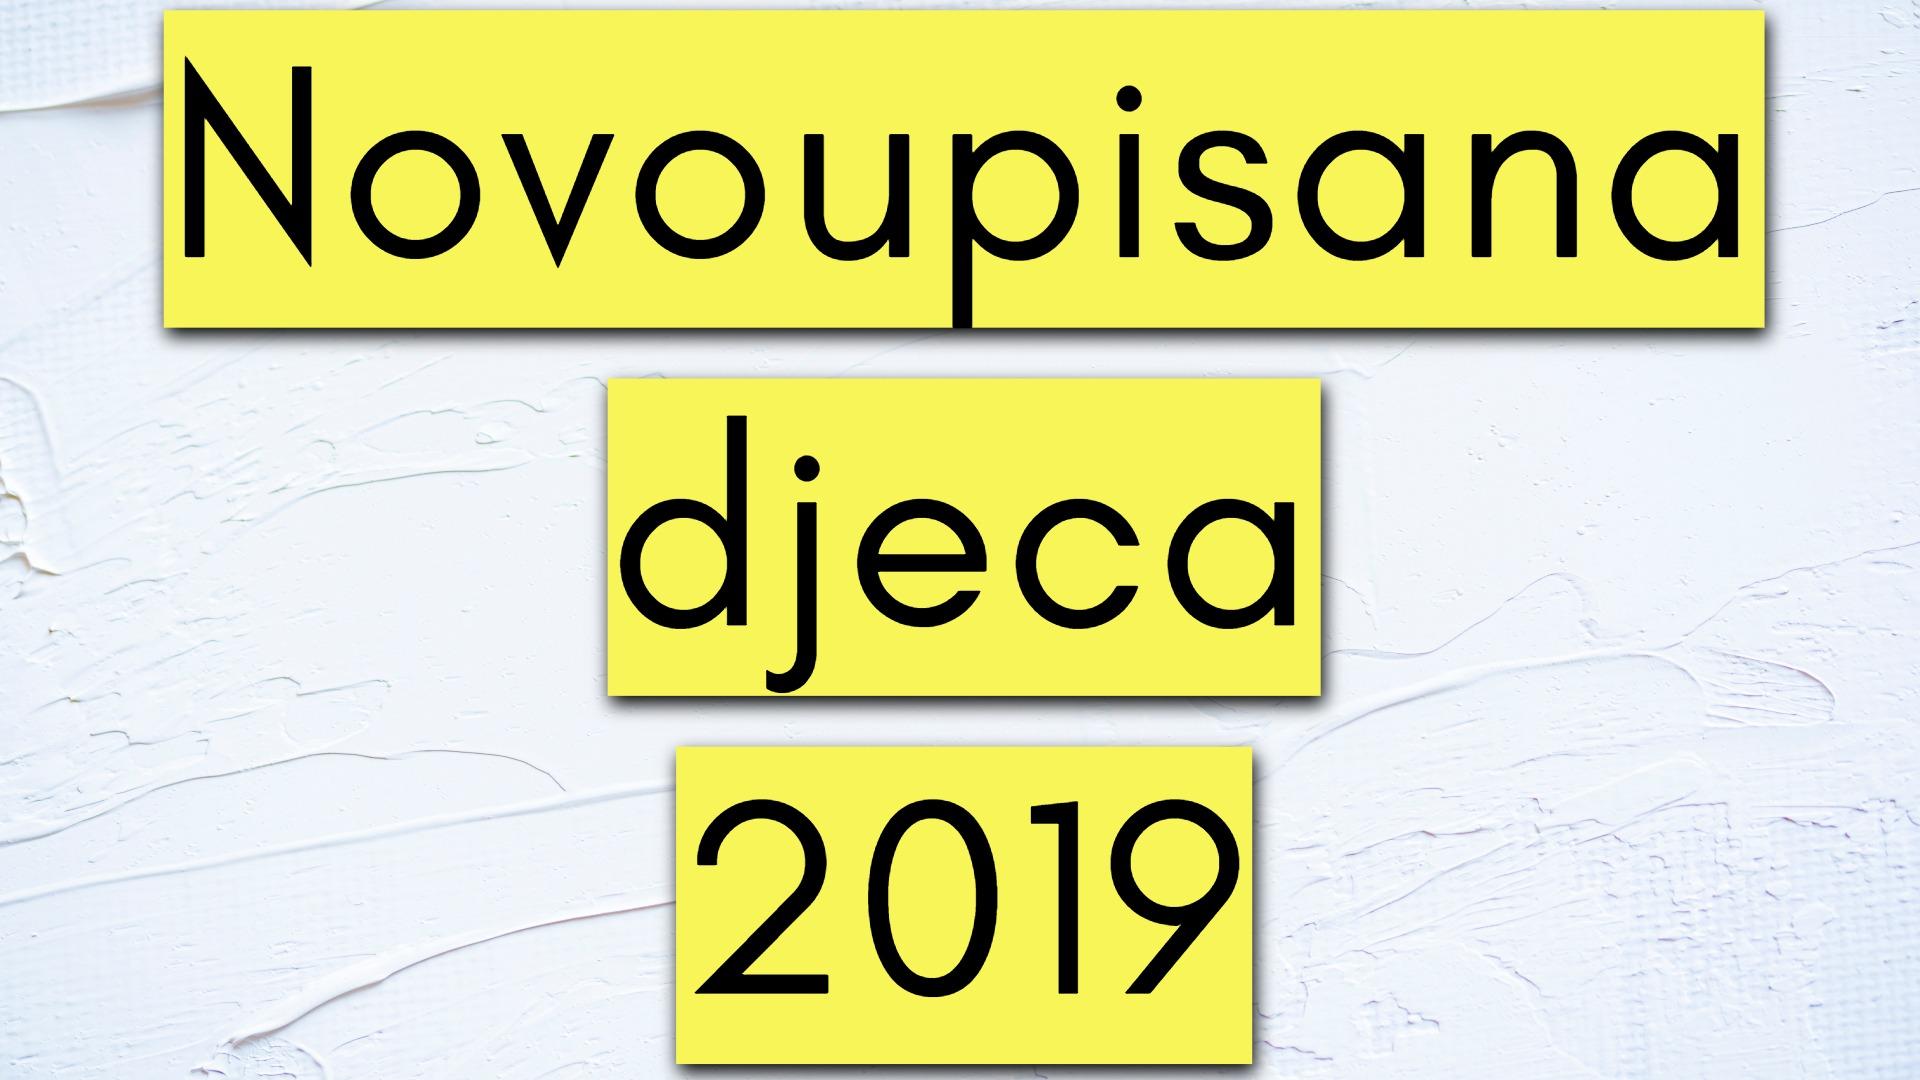 Novoupisana djeca – 2019